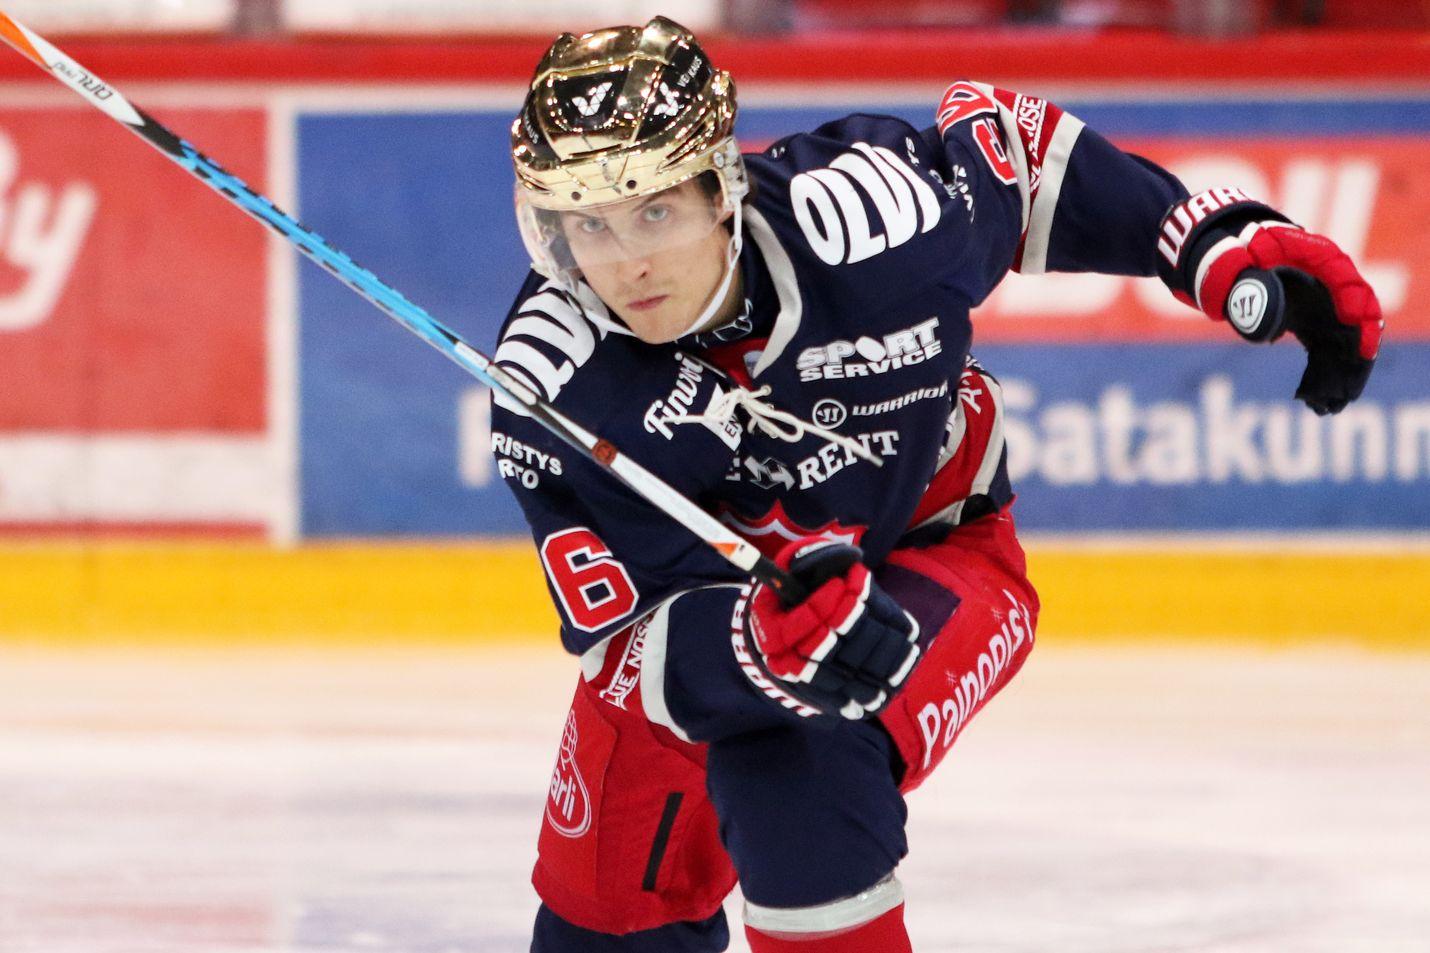 Kalle Valtola voitti päättyneen runkosarjan puolustajien pistepörssin. Kuva: Jaakko Stenroos / All Over Press